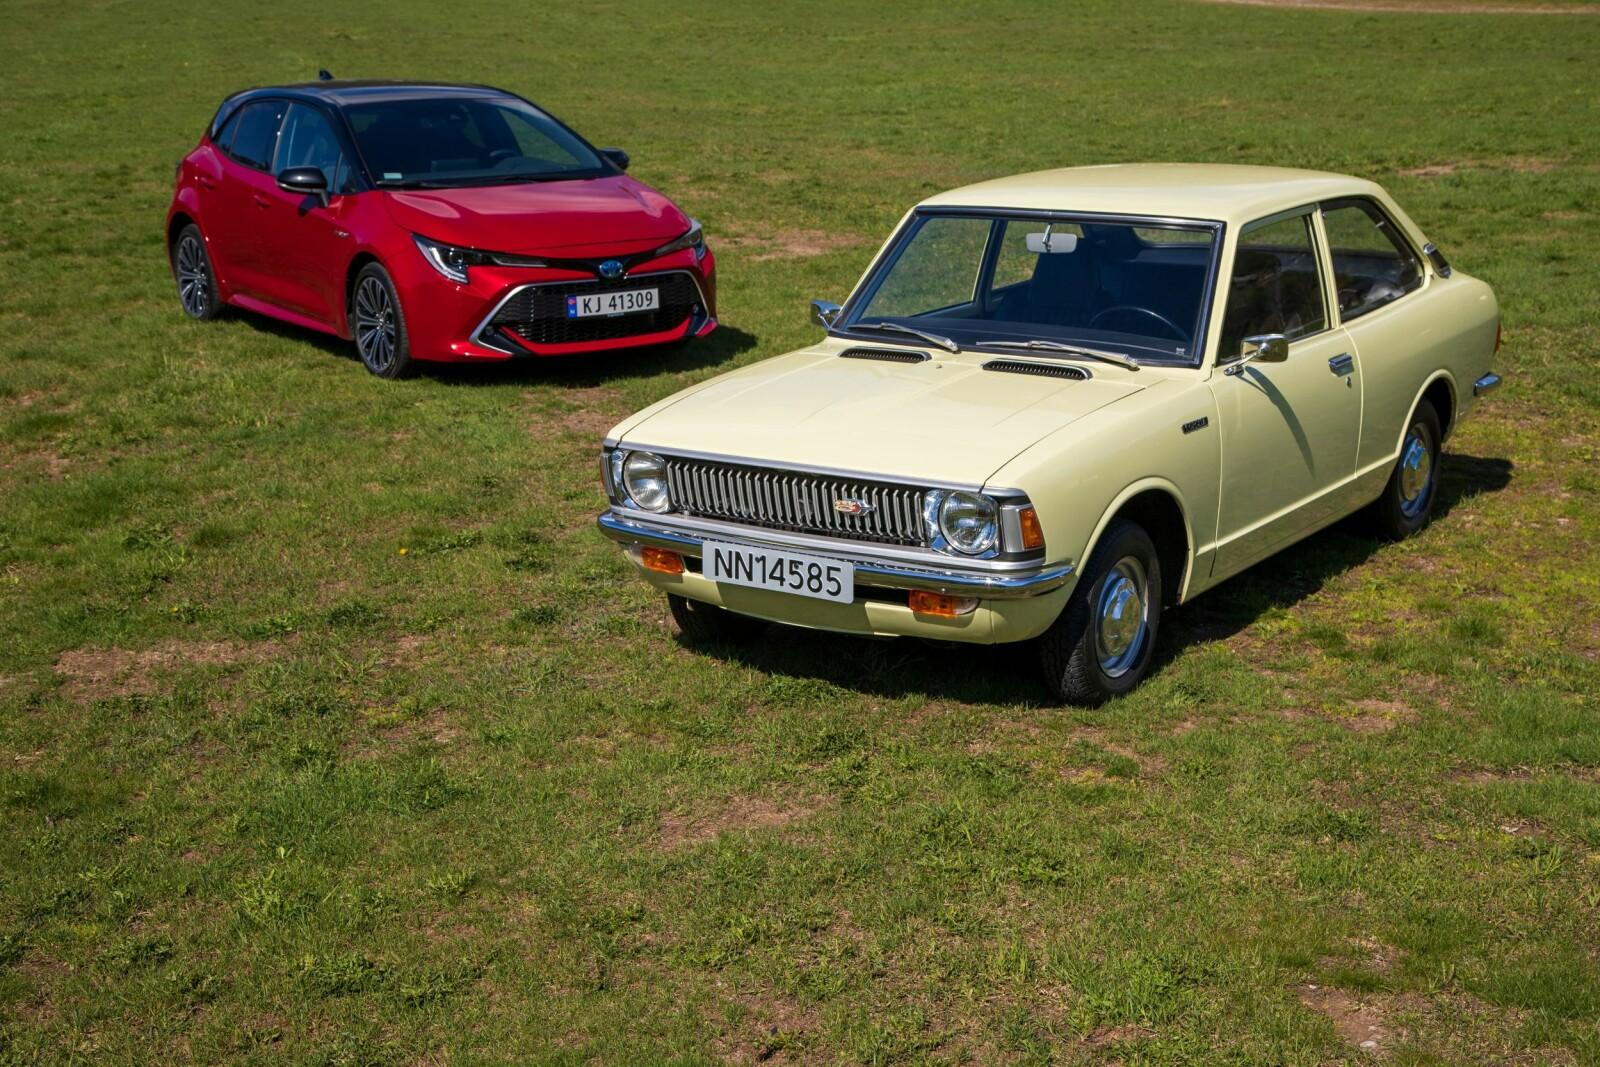 <b>BARE I NAVNET:</b> De heter Toyota Corolla begge to. Ellers er det få likheter når nesten 50 års bilutvikling ligger mellom dem.